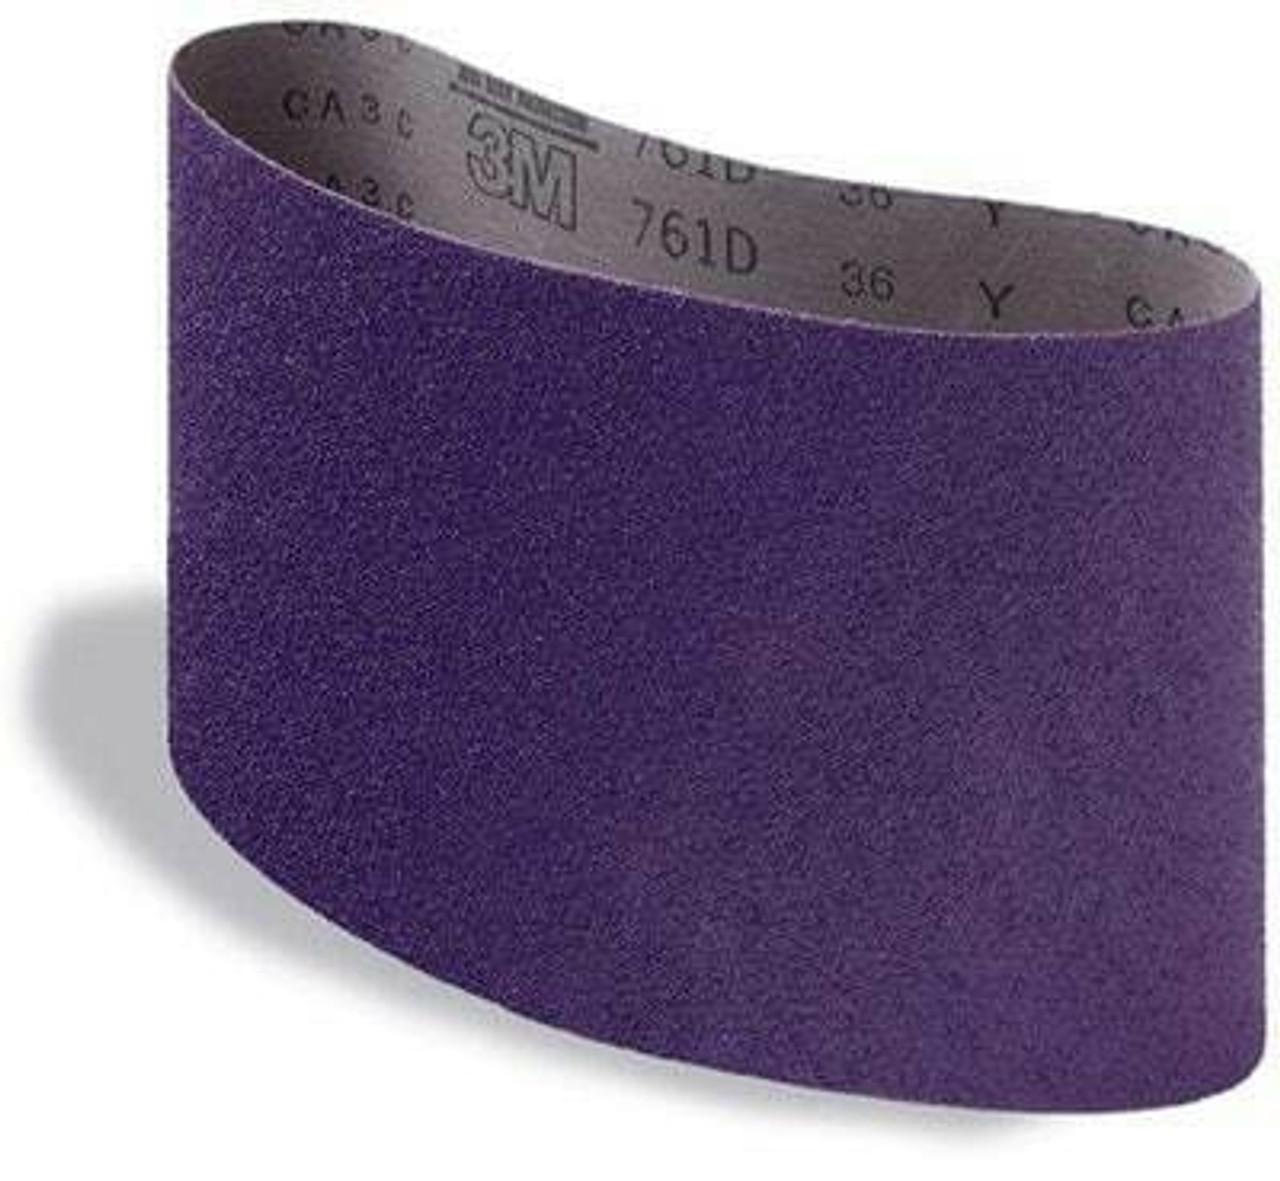 3M™ Regalite™ Floor Surfacing Belts 09232, 36Y Grit, 7-7/8 in x 29-1/2 in